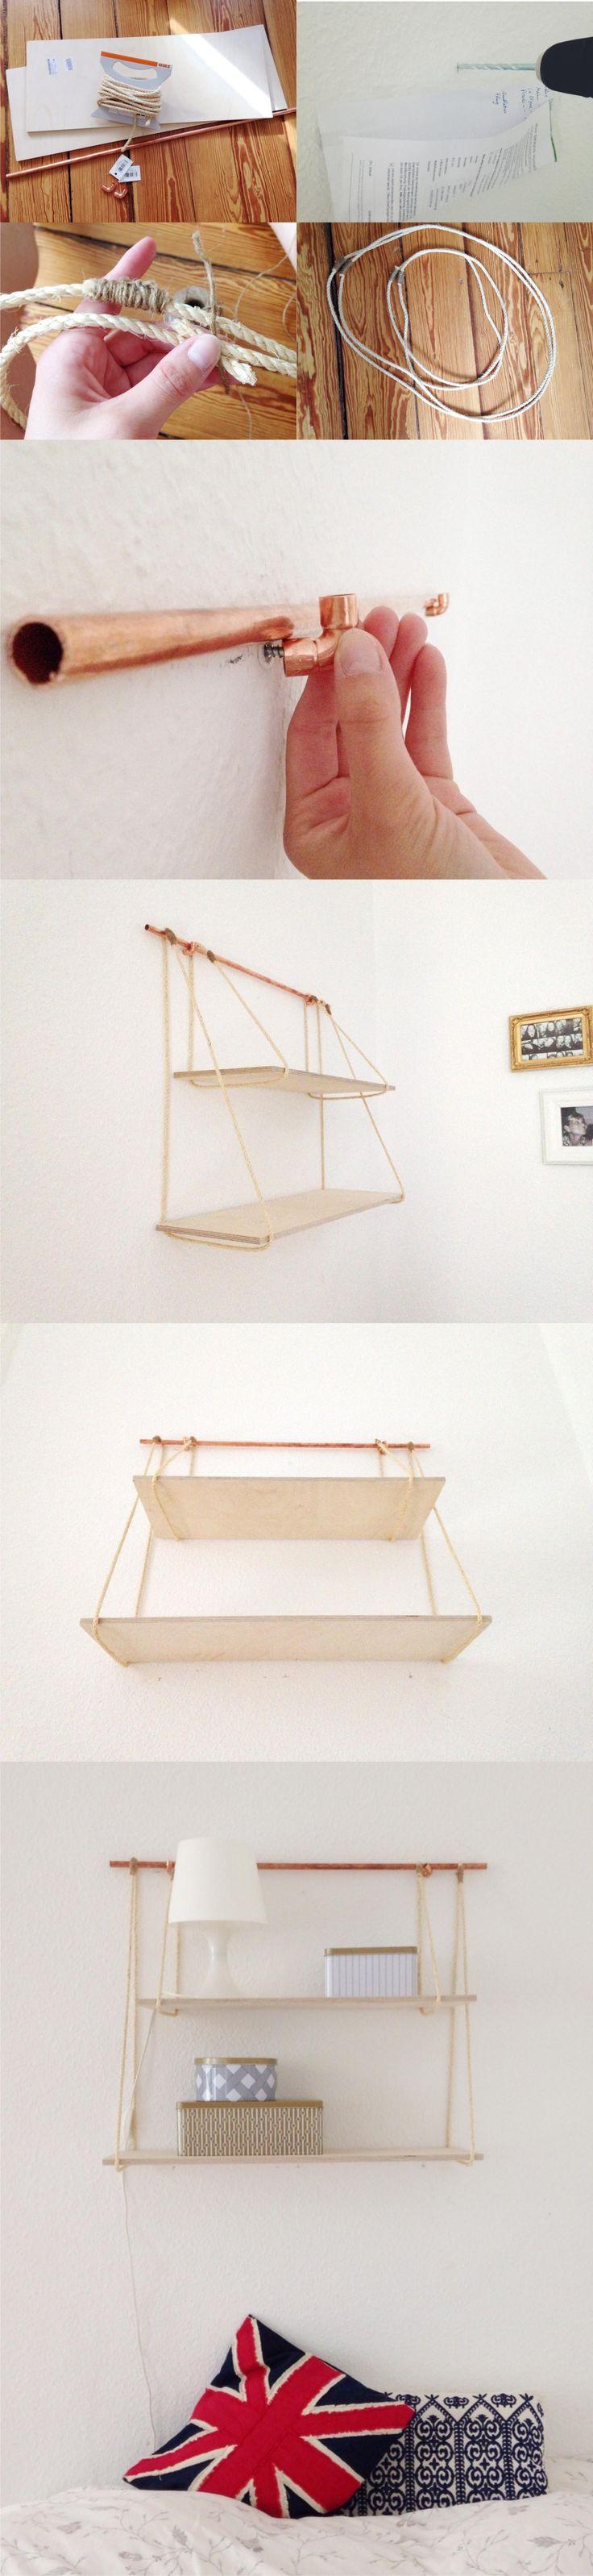 estanteria colgante DIY muy ingenioso 2